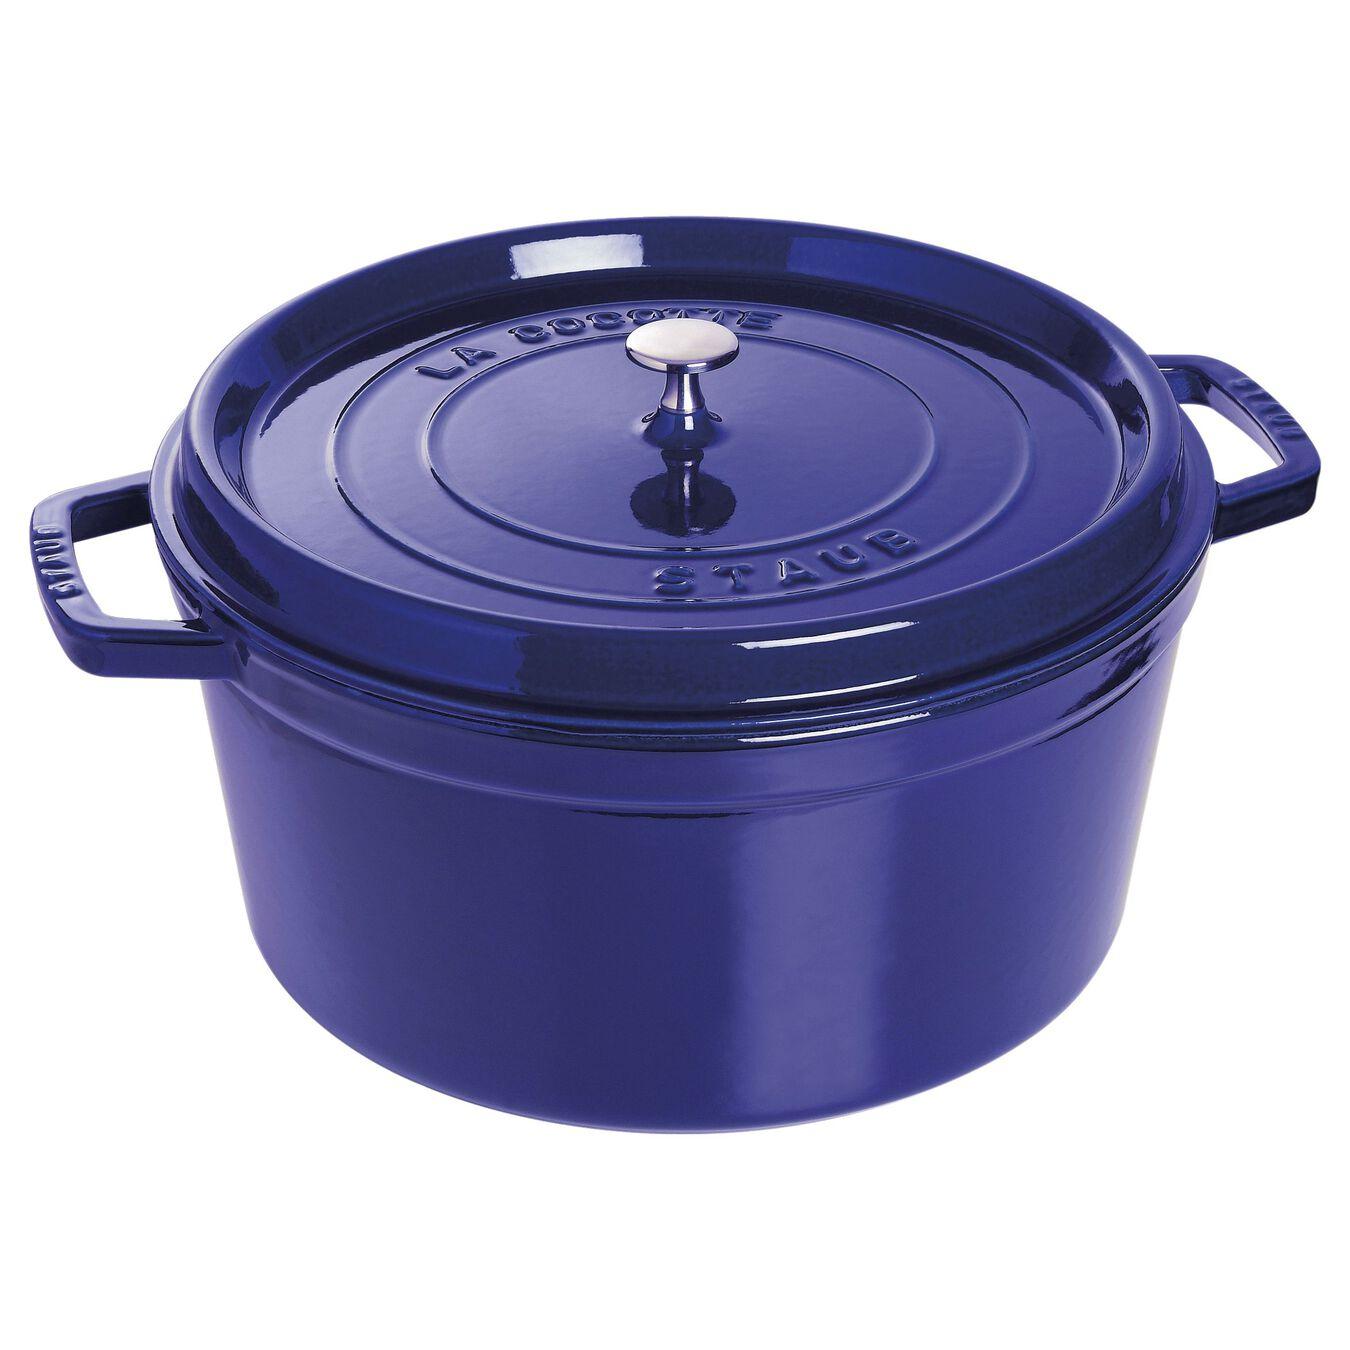 Cocotte 34 cm, Rond(e), Bleu intense, Fonte,,large 1